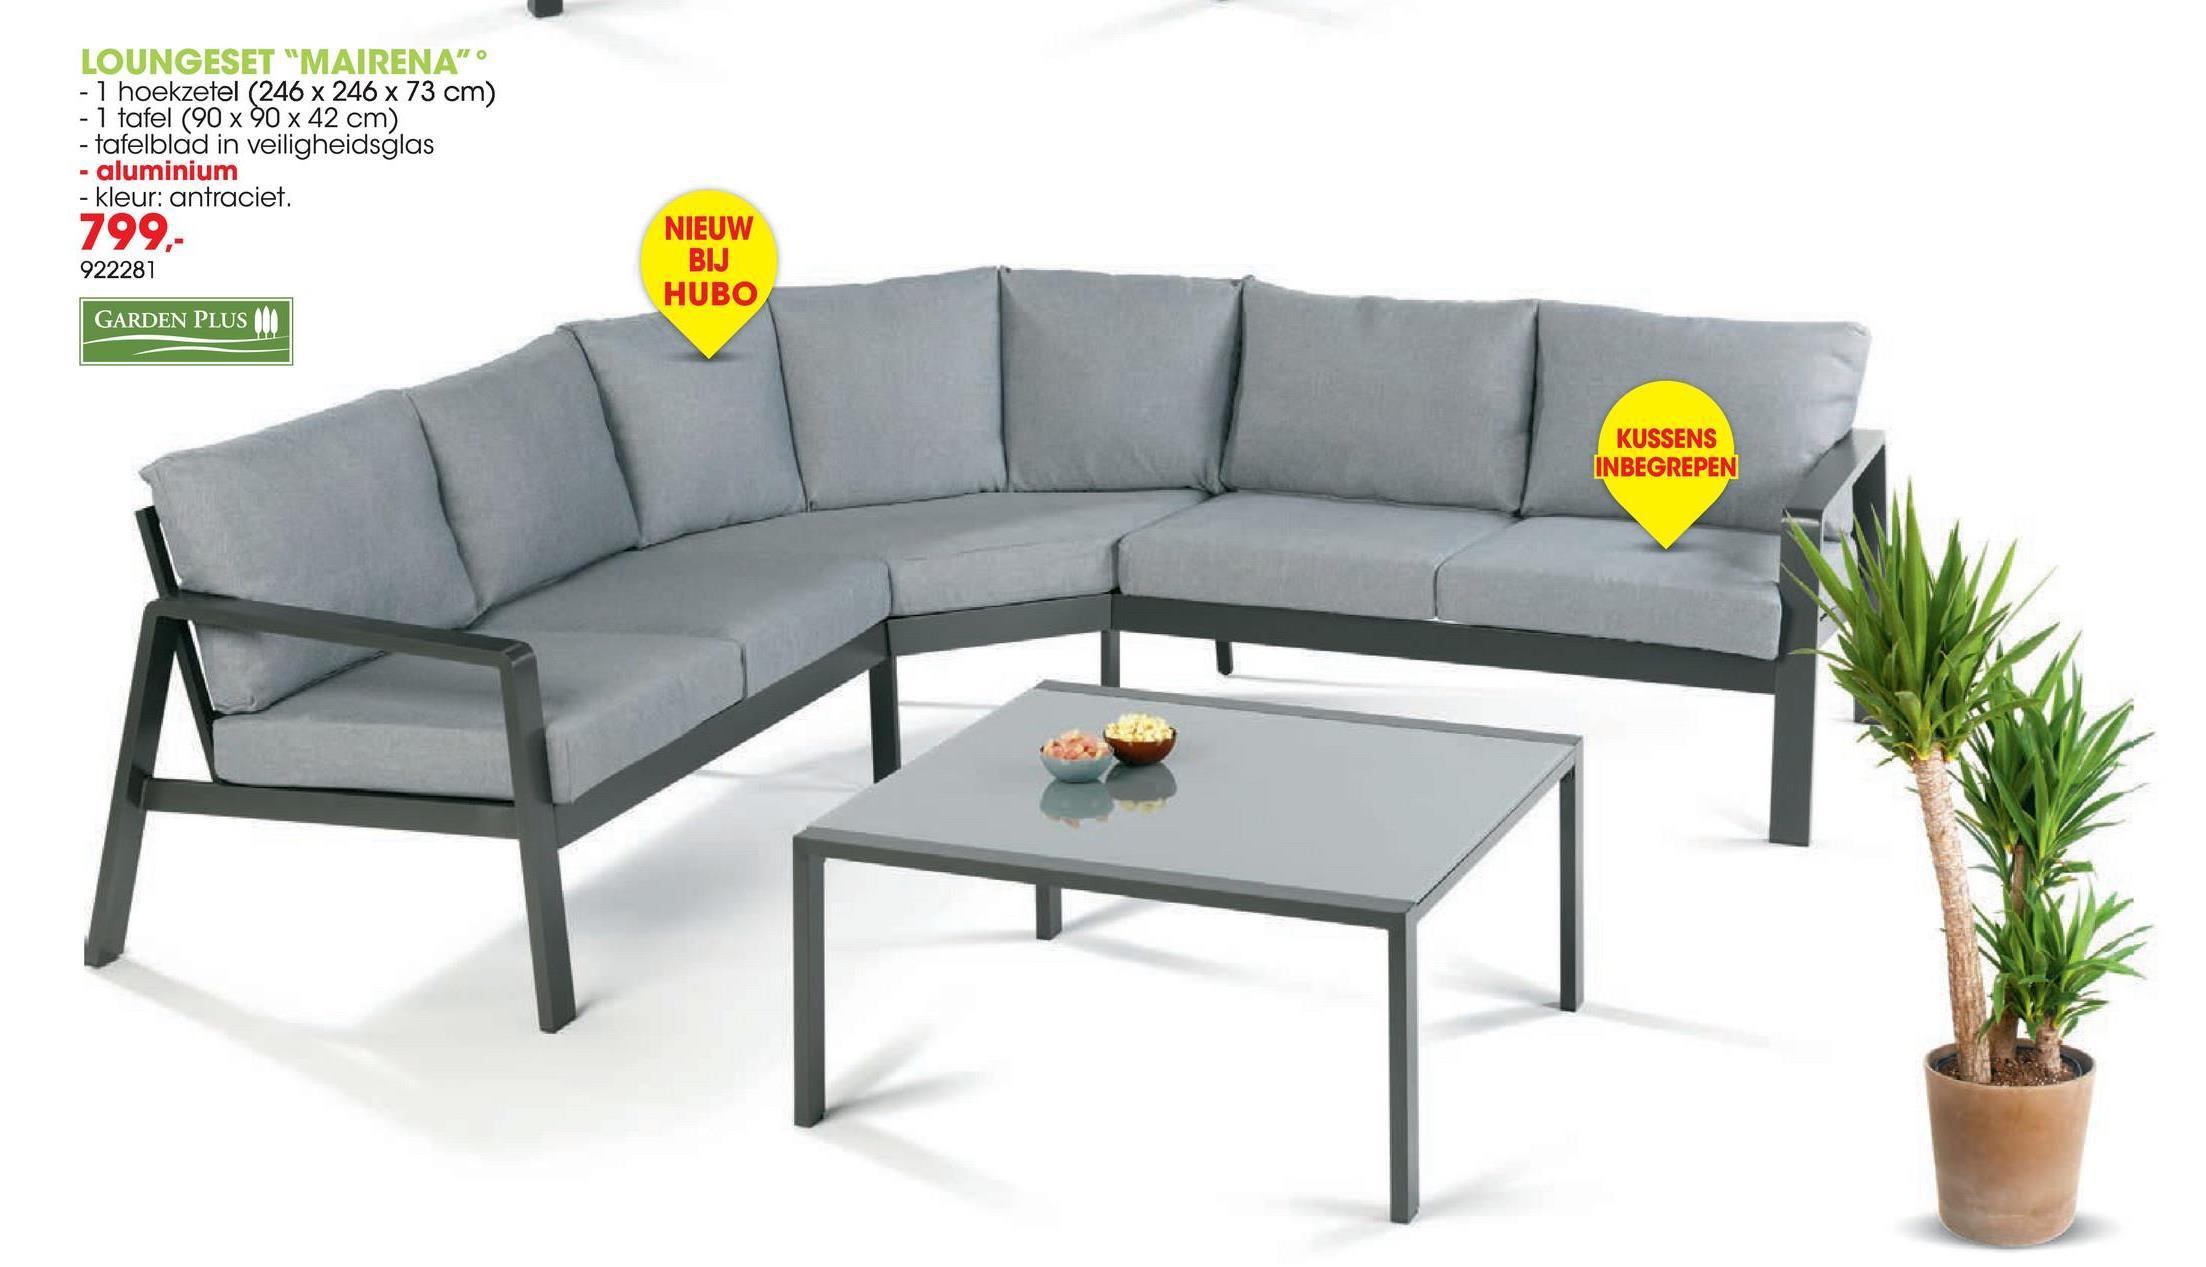 """LOUNGESET """"MAIRENA"""" • - 1 hoekzetel (246 x 246 x 73 cm) - 1 tafel (90 x 90 x 42 cm) - tafelblad in veiligheidsglas - aluminium - kleur: antraciet. 799.- 922281 NIEUW BIJ HUBO GARDEN PLUS III KUSSENS INBEGREPEN"""